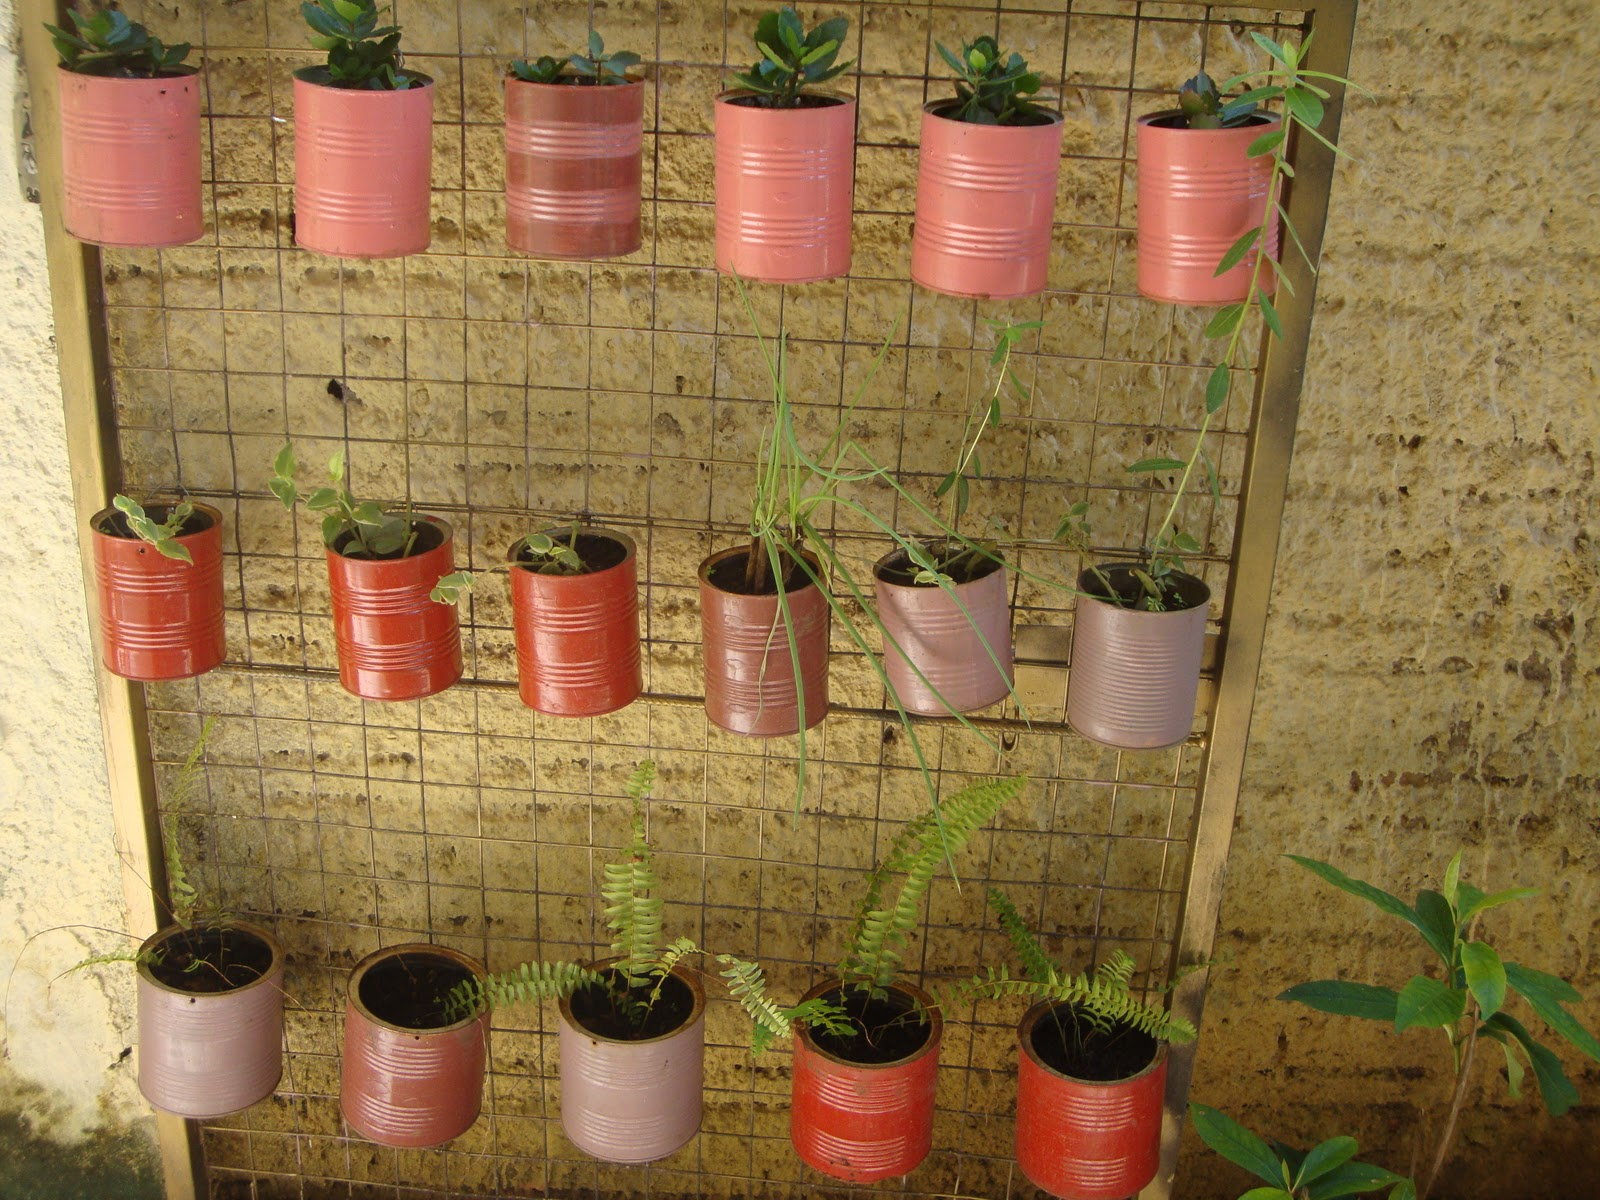 jardim vertical latas : jardim vertical latas:Coisas de Mulher: JARDIM VERTICAL COM LATAS RECICLADAS